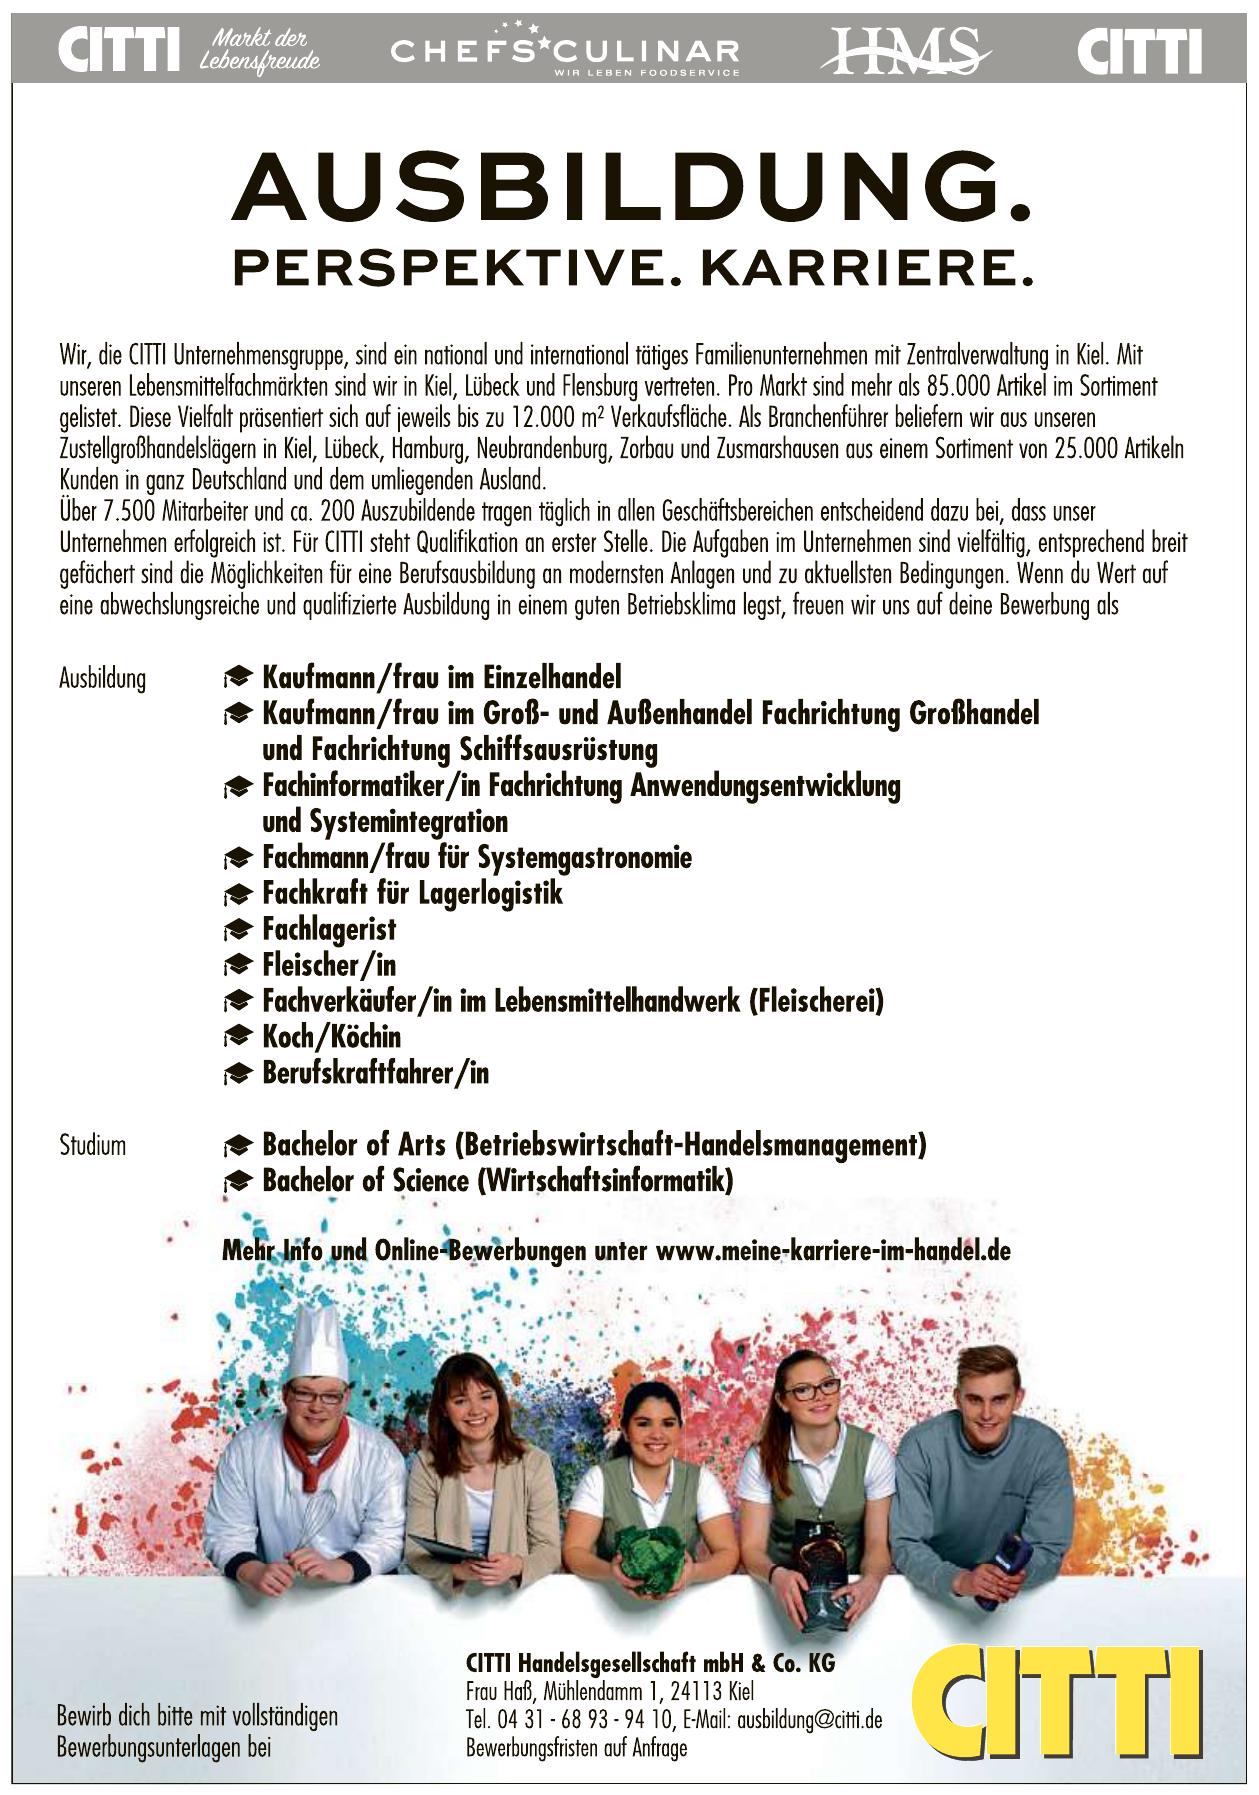 CITTI Handelsgesellschaft mbH & Co. KG